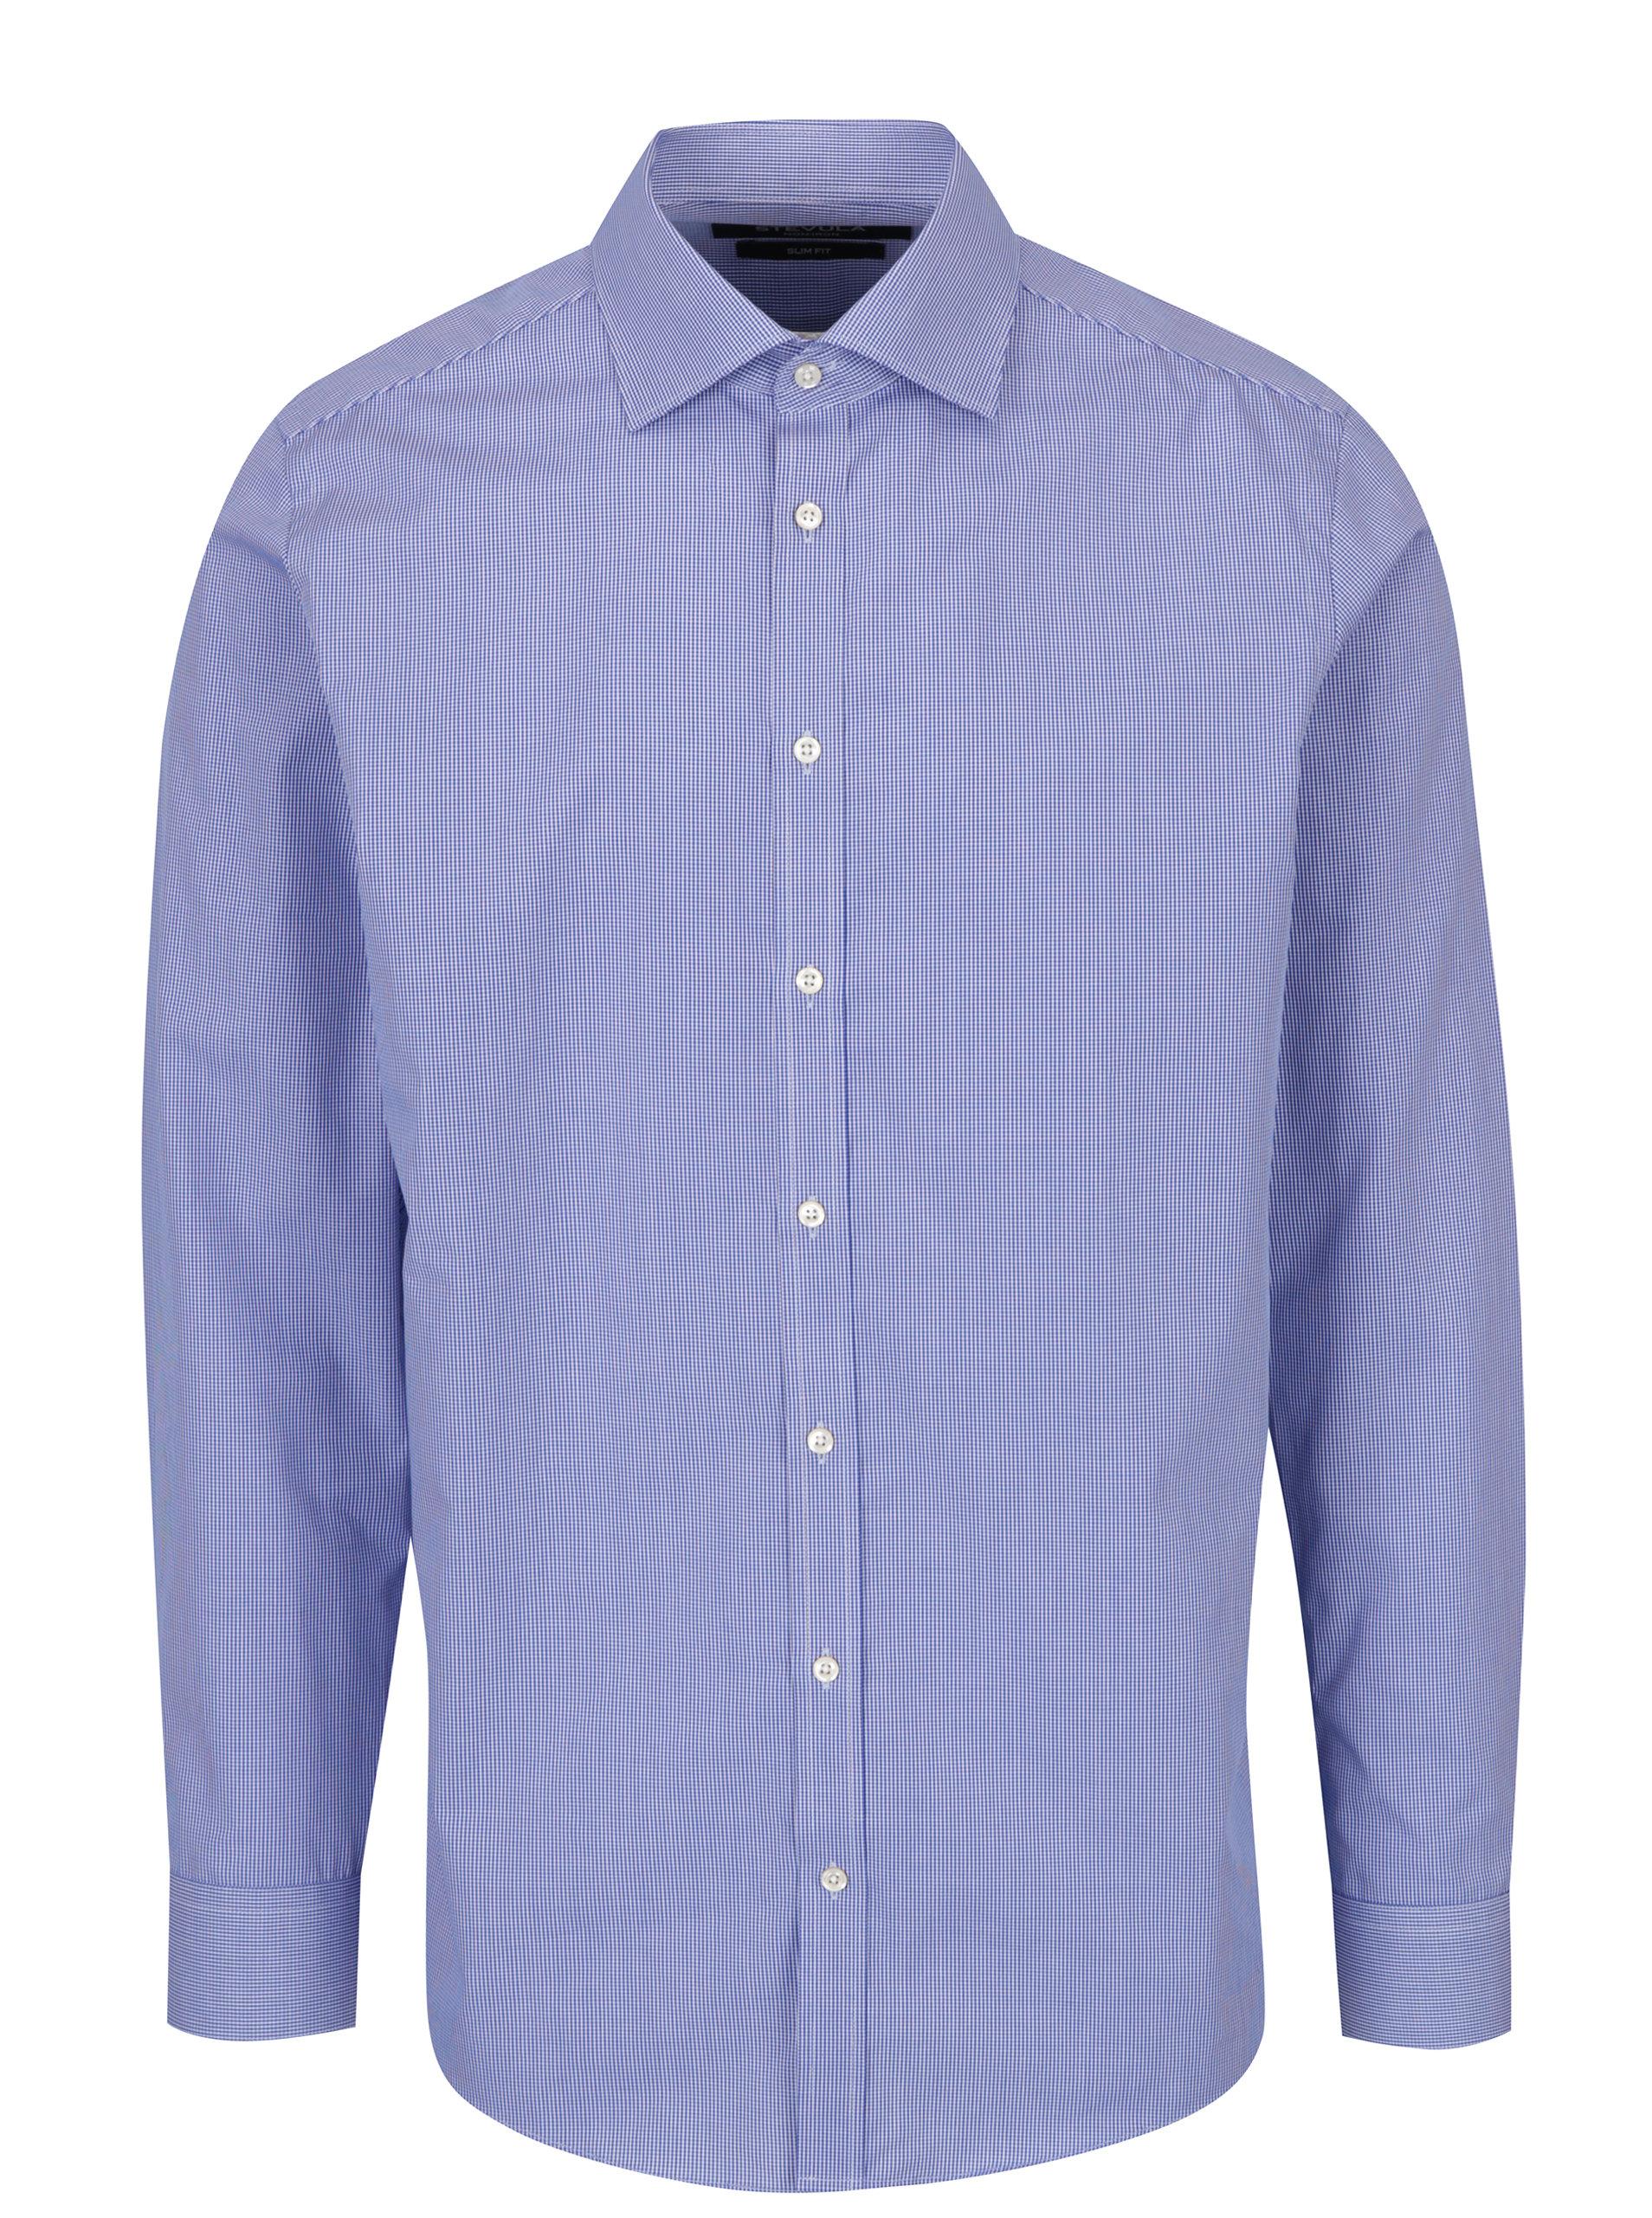 96e51cb7261a Modrá pánska formálna slim fit košeľa s jemným vzorom STEVULA ...